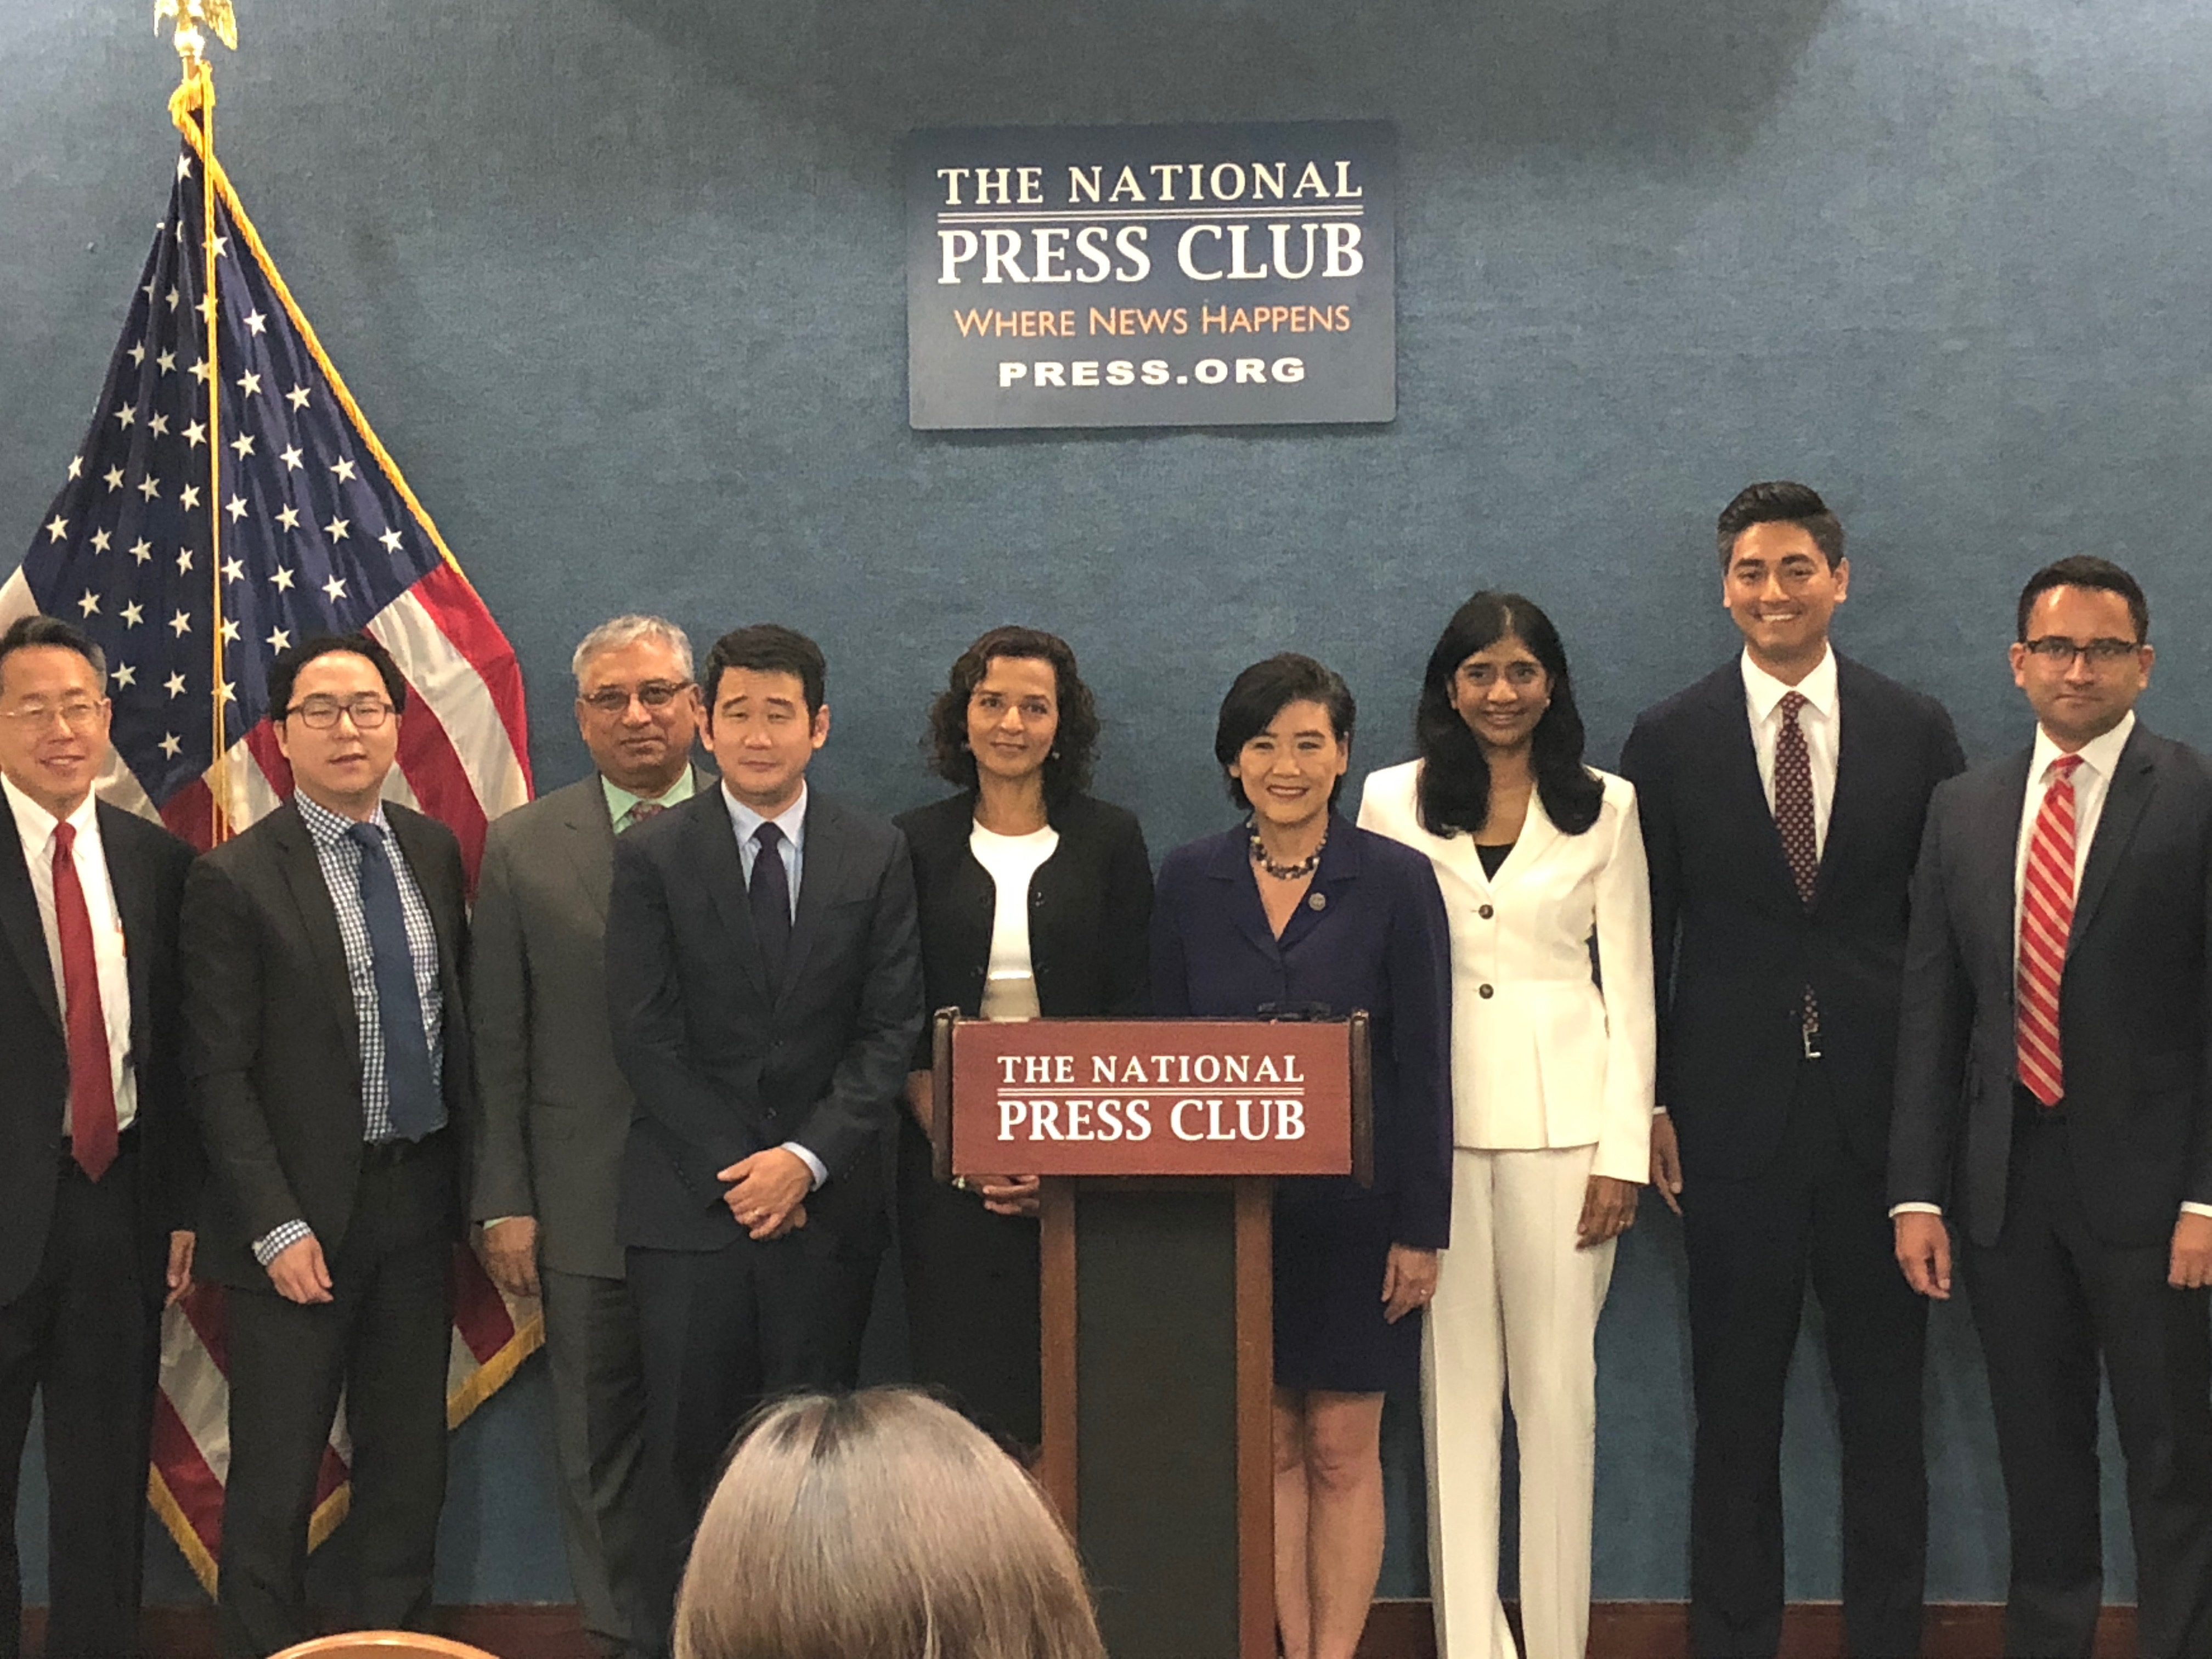 趙美心(右四)力挺參加期中選舉的亞太裔候選人。(Vincent Eng提供)